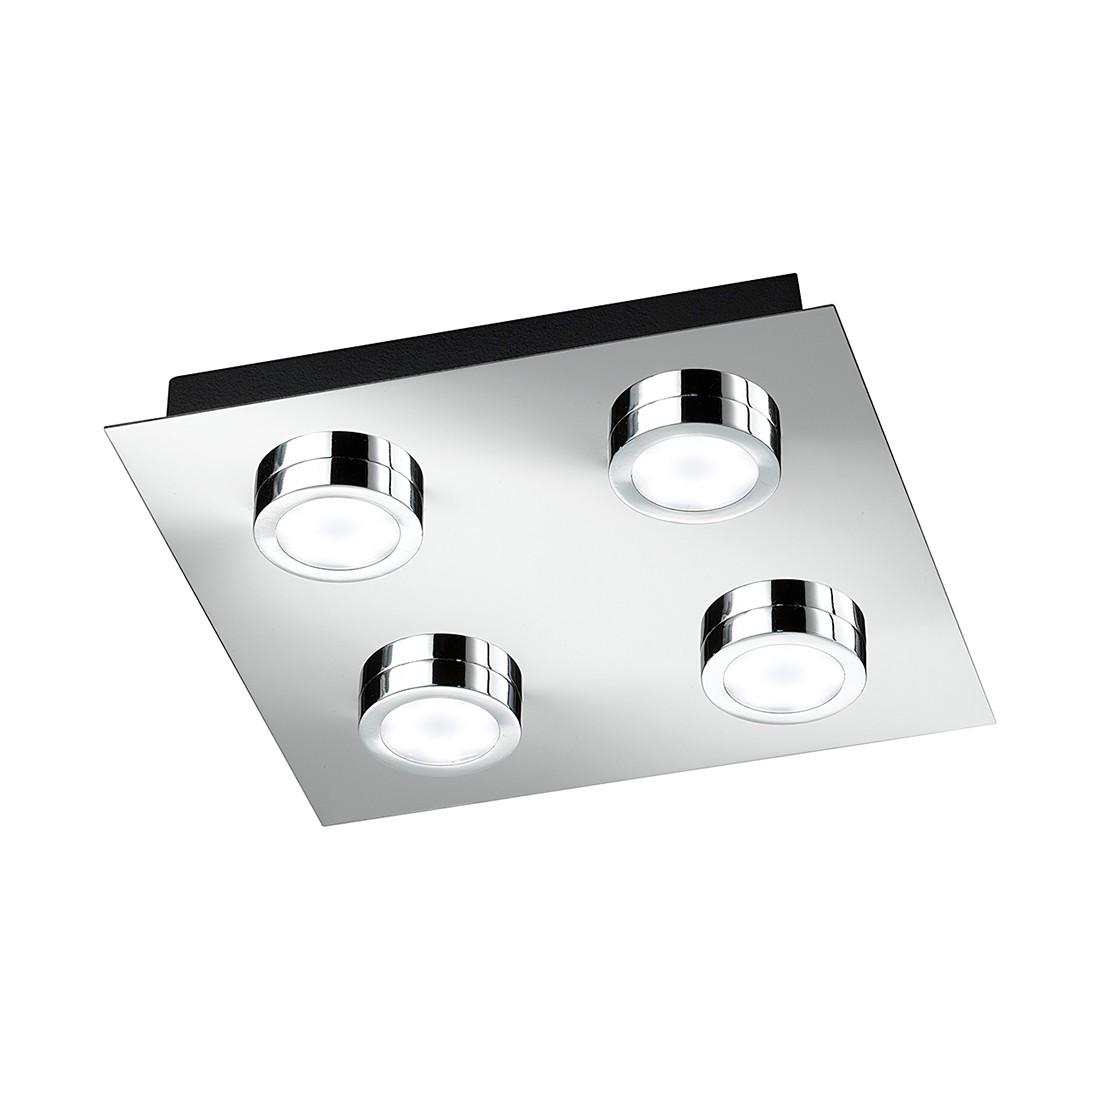 energie A+, Plafondlamp VENETA metaal-kunststof 4 lichtbronnen, Action